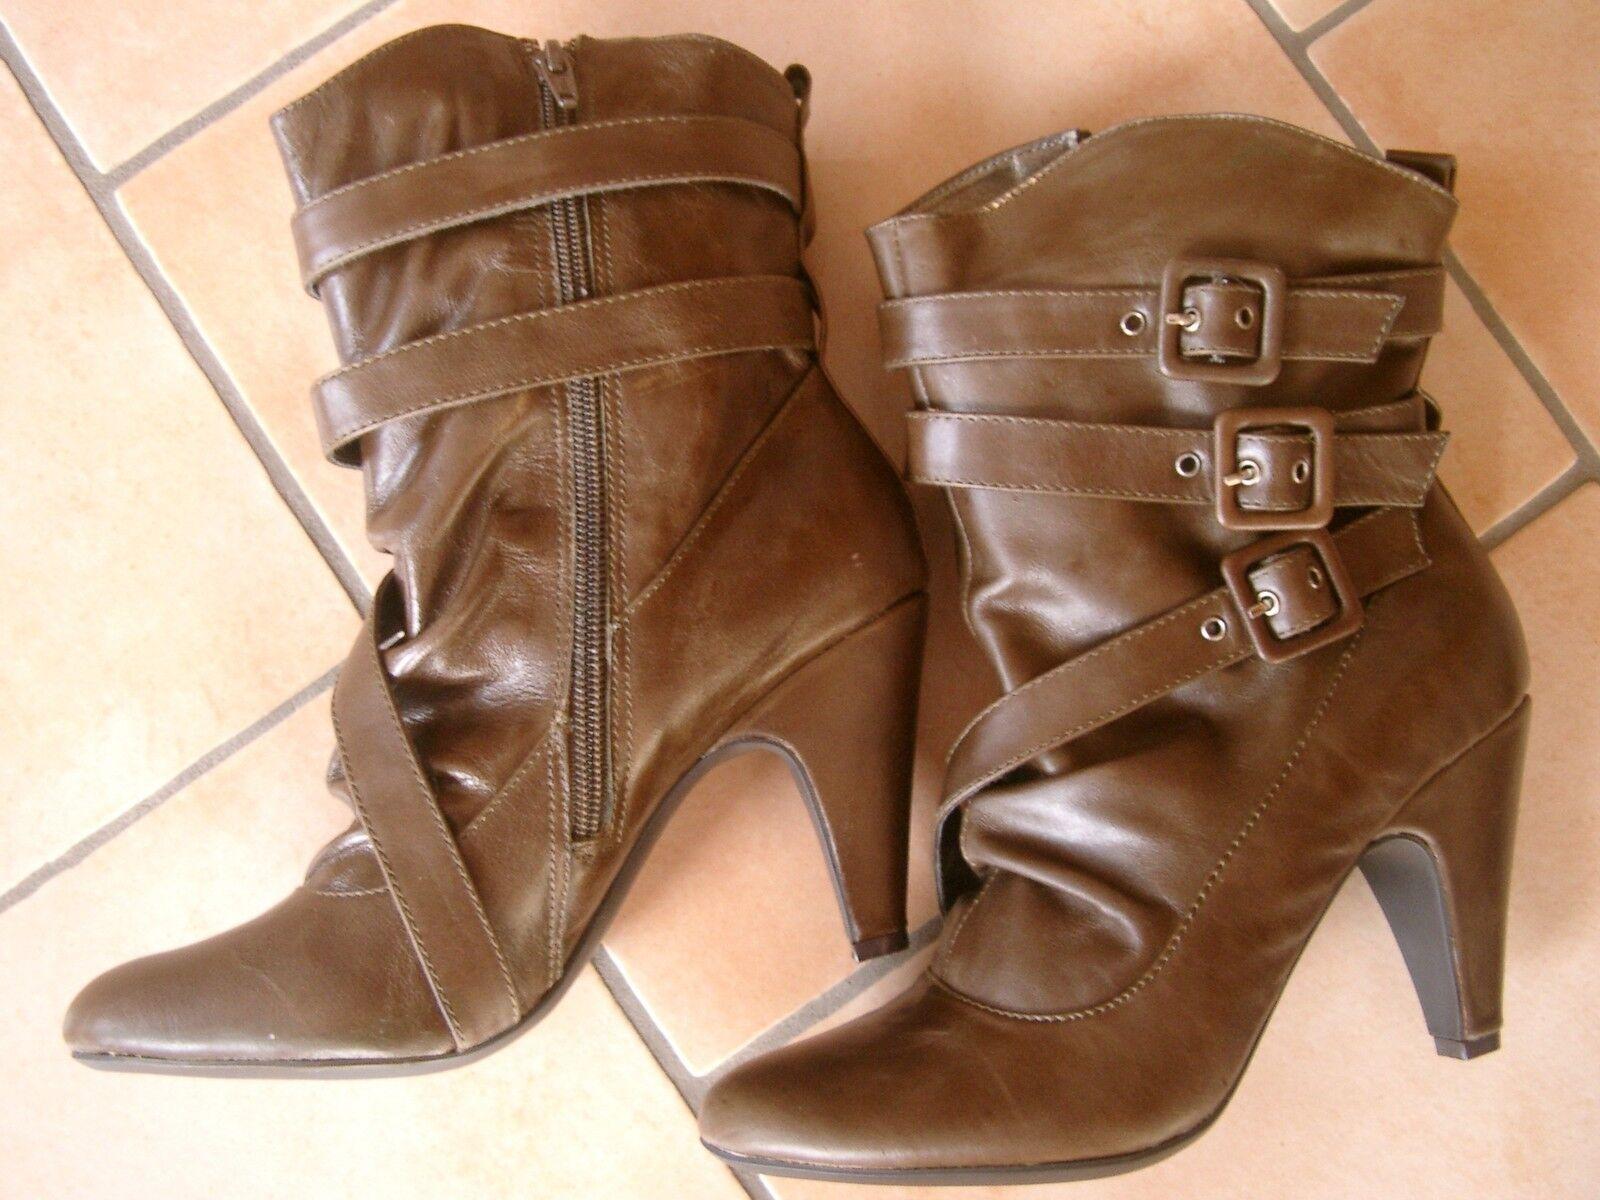 (Z18) Pepe Jeans Damen mit Schuh Stiefelette Stiefel Lederschuhe mit Damen Schnallen gr.37 c584c2